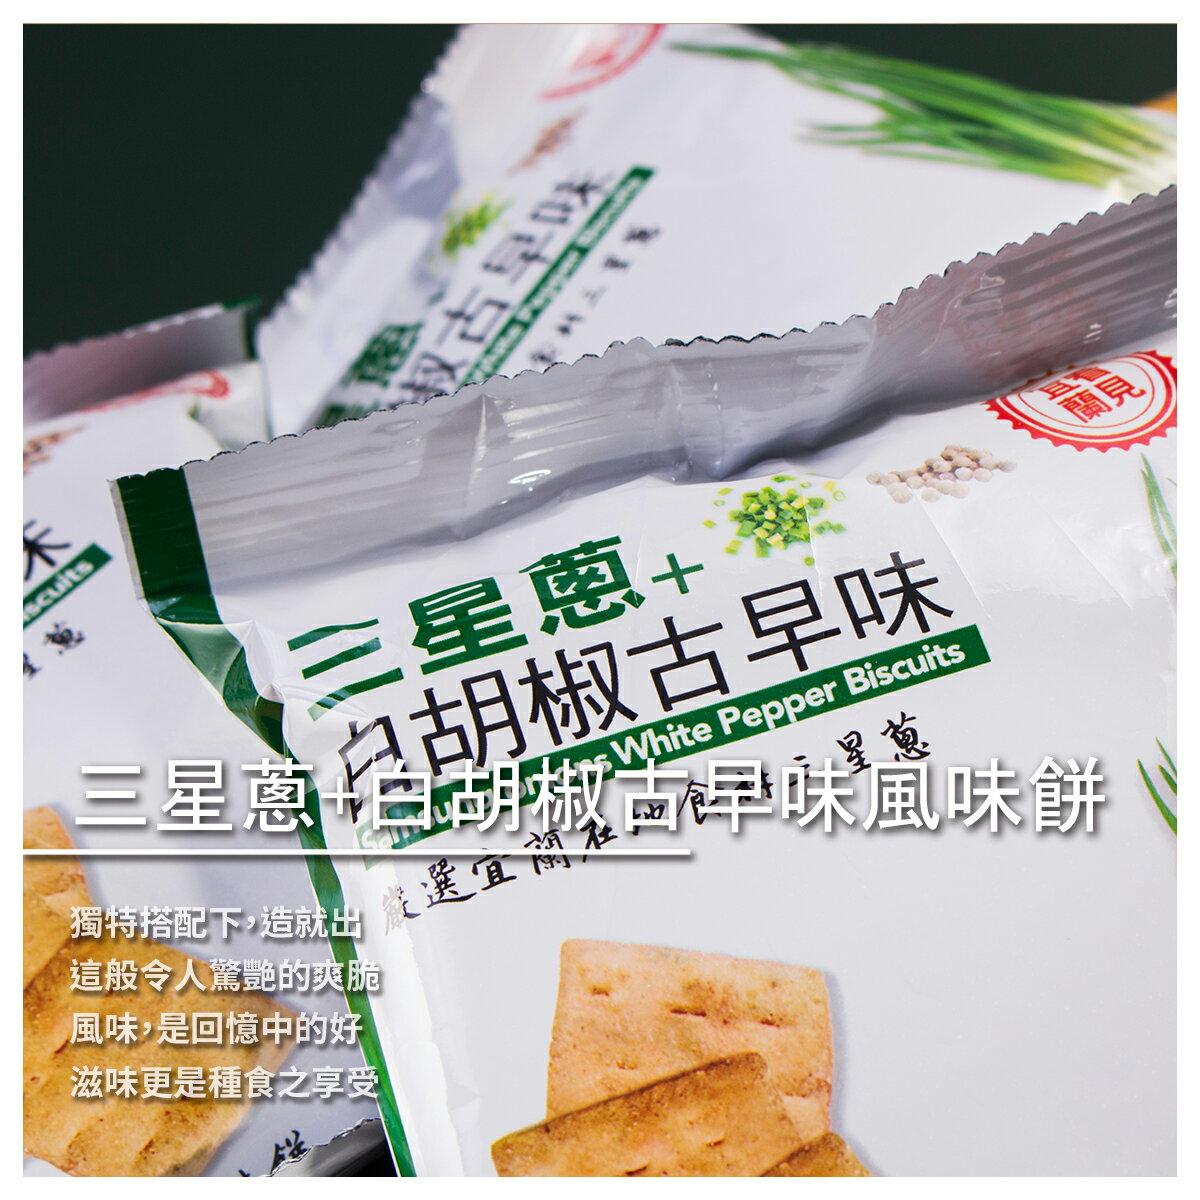 【蔥仔寮體驗農場】三星蔥+白胡椒古早味風味餅/包